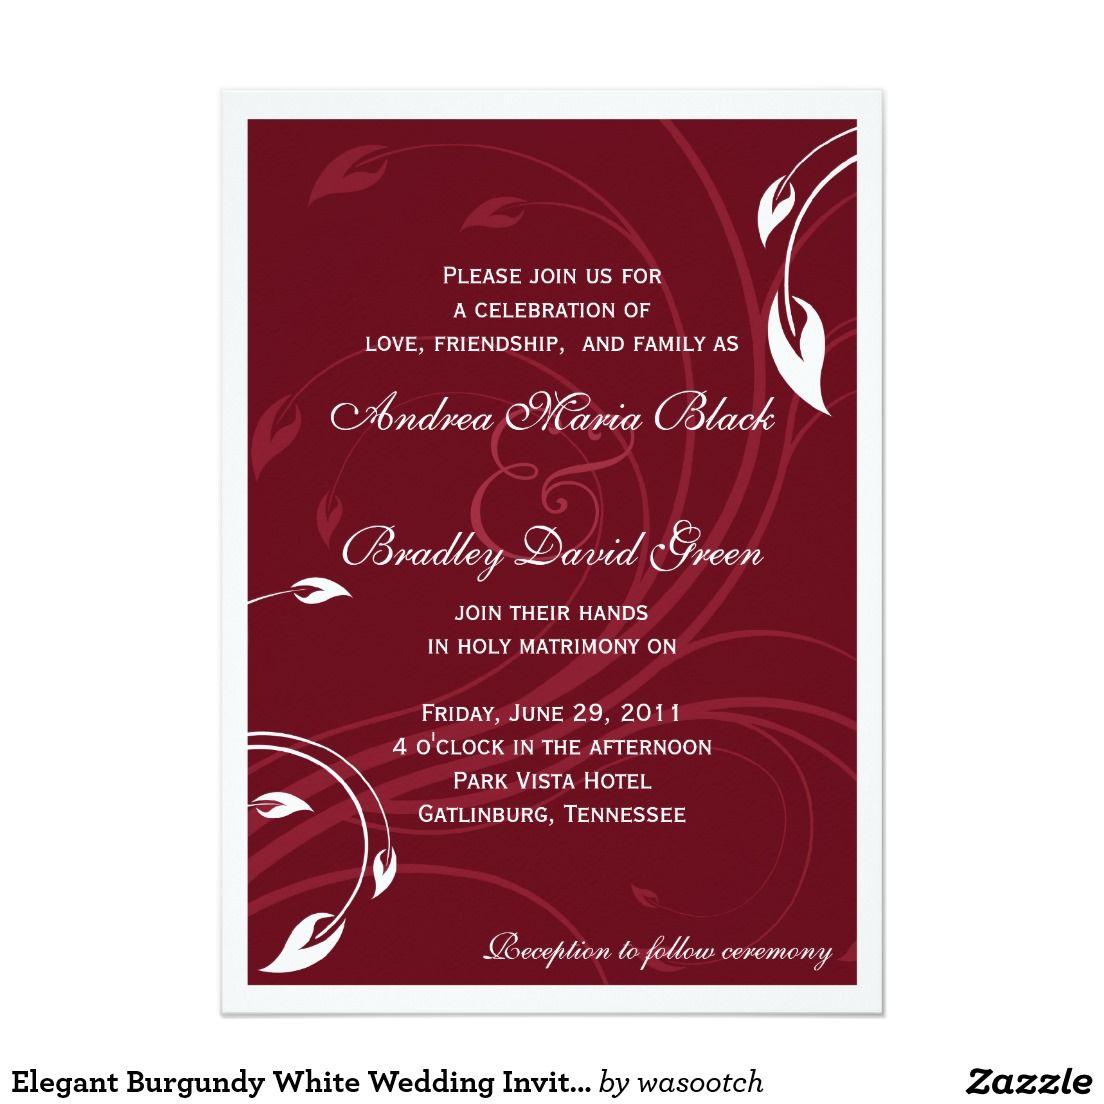 Elegant Burgundy White Wedding Invitation | Wedding: Fall ...